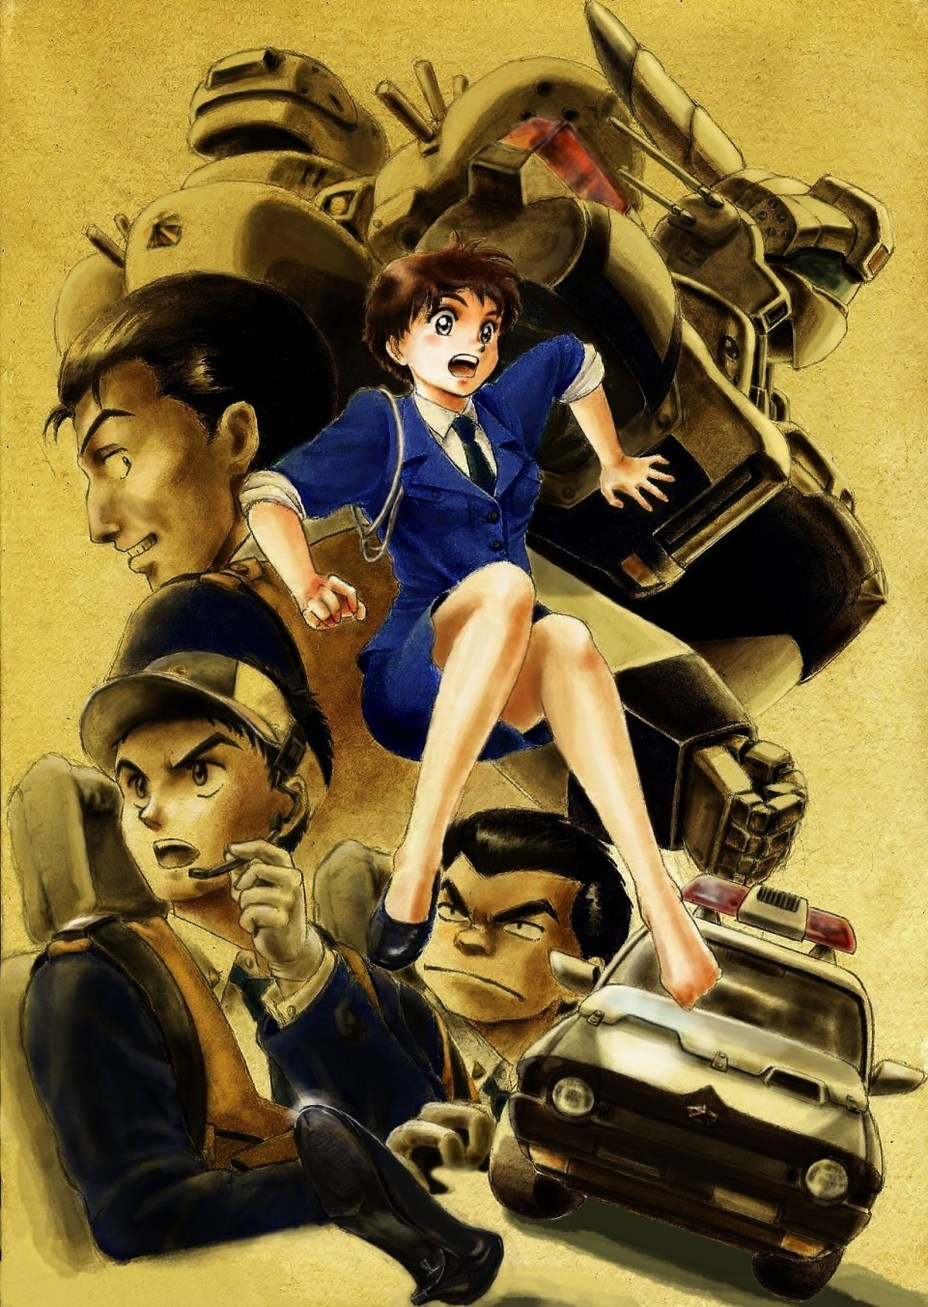 «Изюминкой» серии «Patlabor» стала смесь полицейской драмы с фантастическим боевиком, изначально разбавленная изрядной дозой юмора, который к финалу саги исчез. Рисунок художника Uirina.pixiv.net